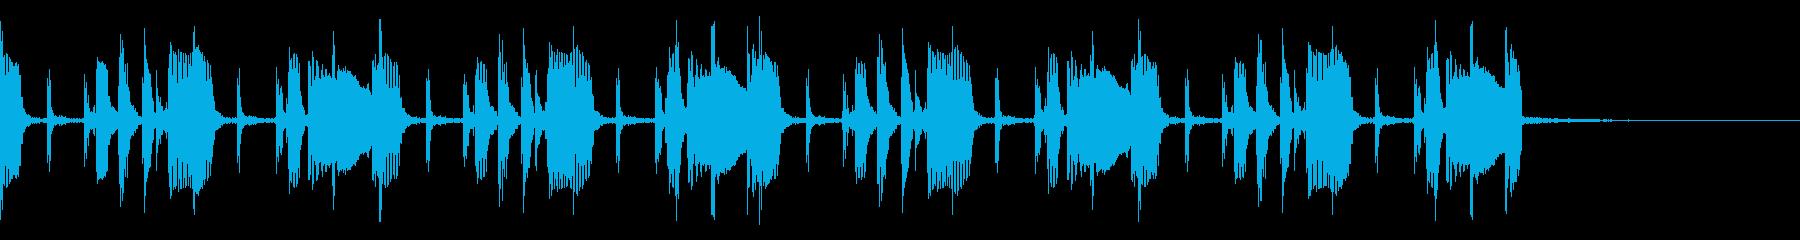 エレキベースのシンプルグルーヴ MCにの再生済みの波形